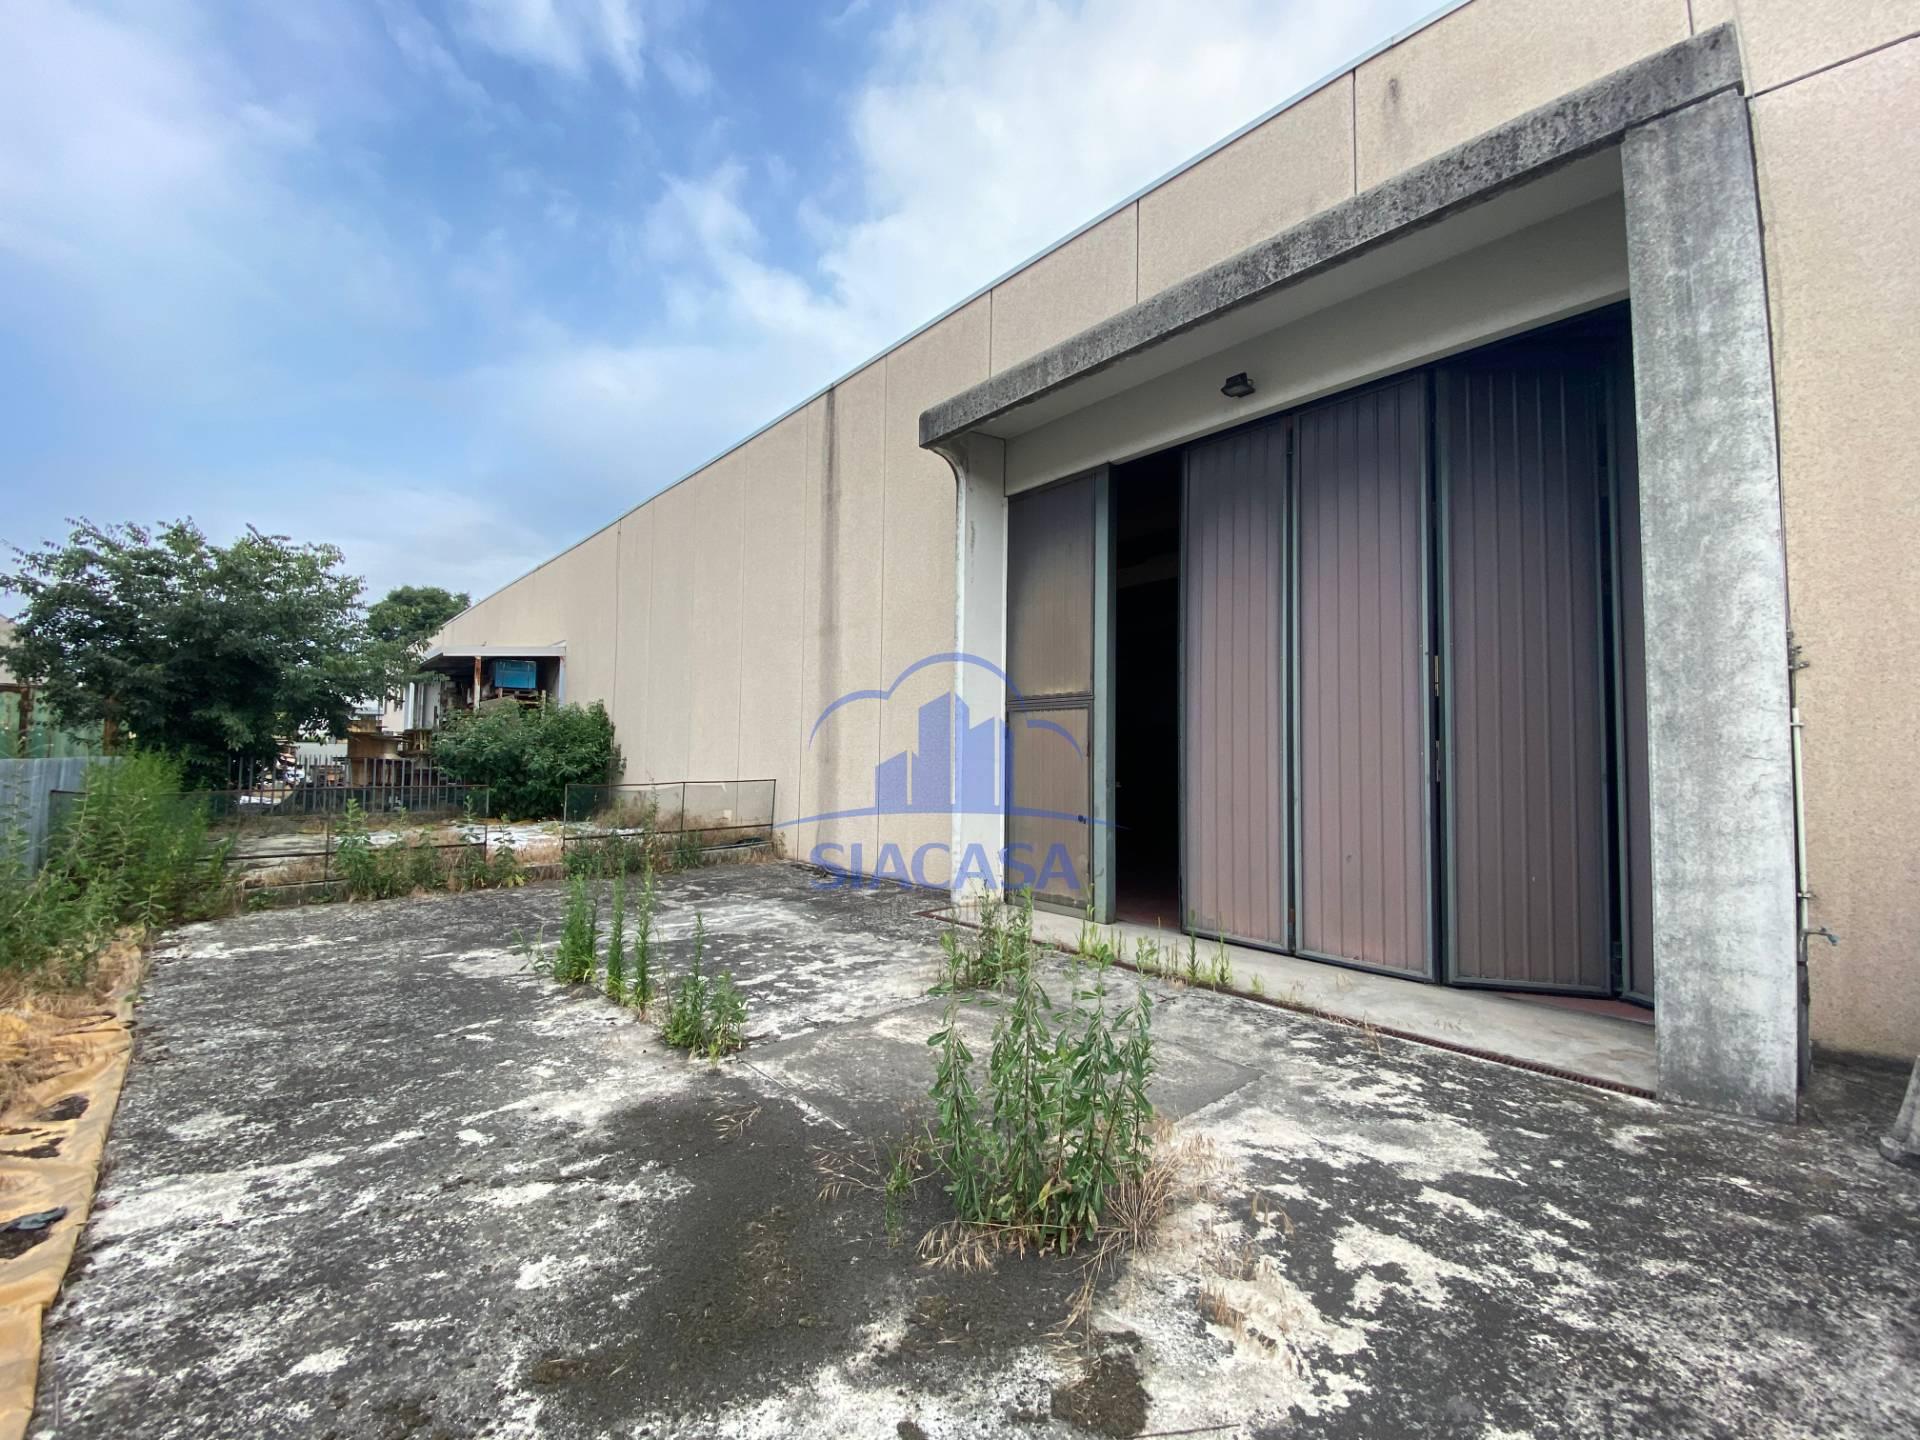 Capannone in vendita a Osio Sotto, 9999 locali, prezzo € 347.000   PortaleAgenzieImmobiliari.it